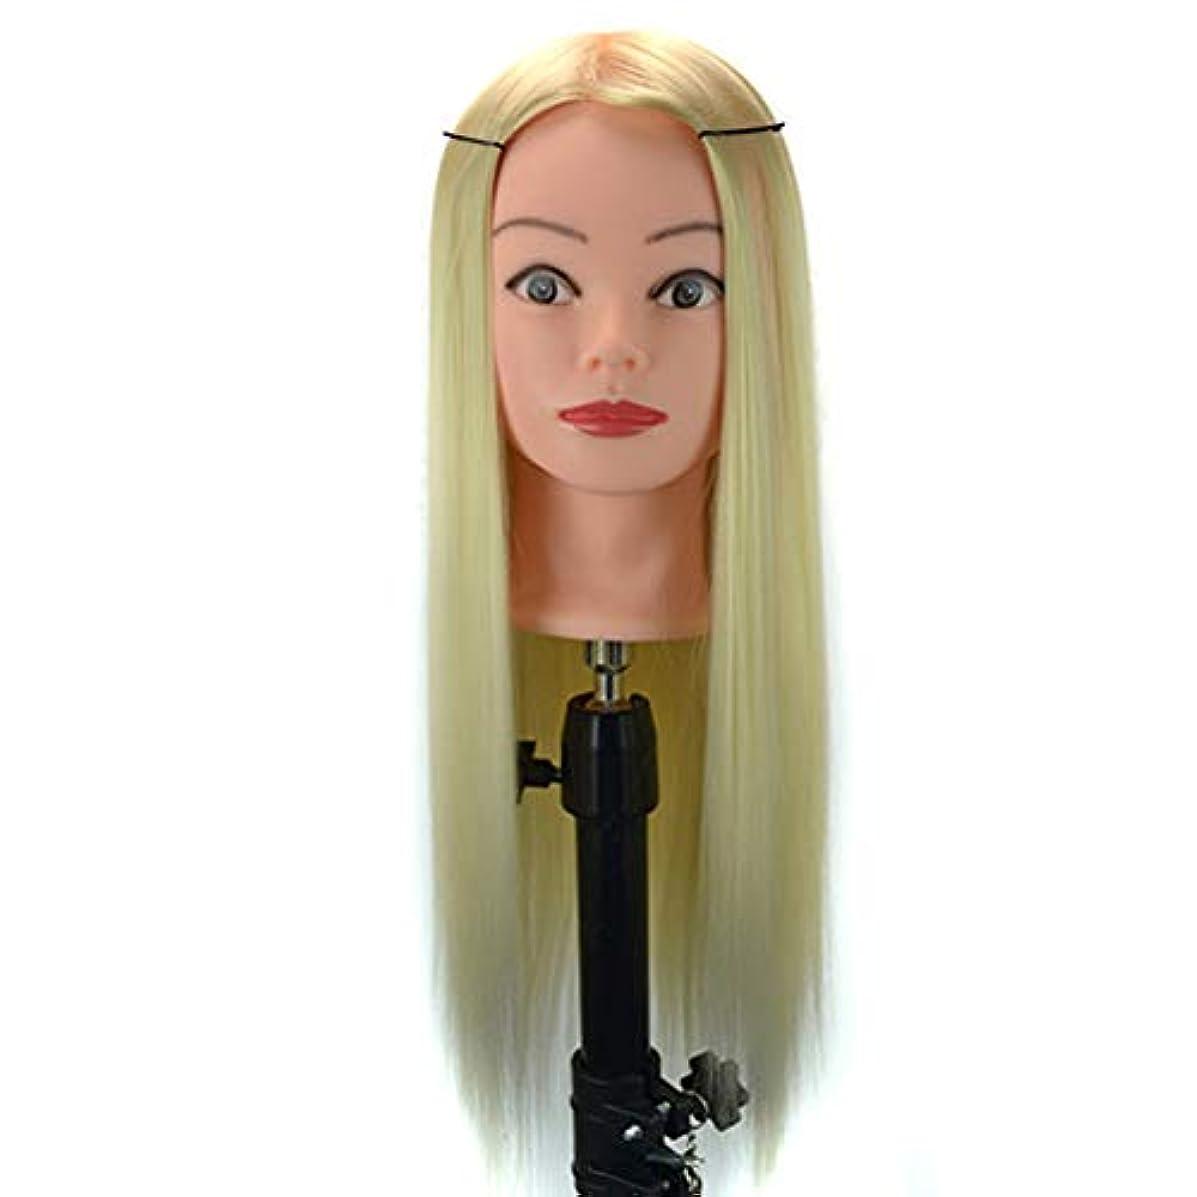 信仰見ましたインク高温ワイヤートレーニングヘッド理髪マネキン人形ヘッドメイクプレートヘアー練習帽子ジュエリーディスプレイヘッド金型,offwhite